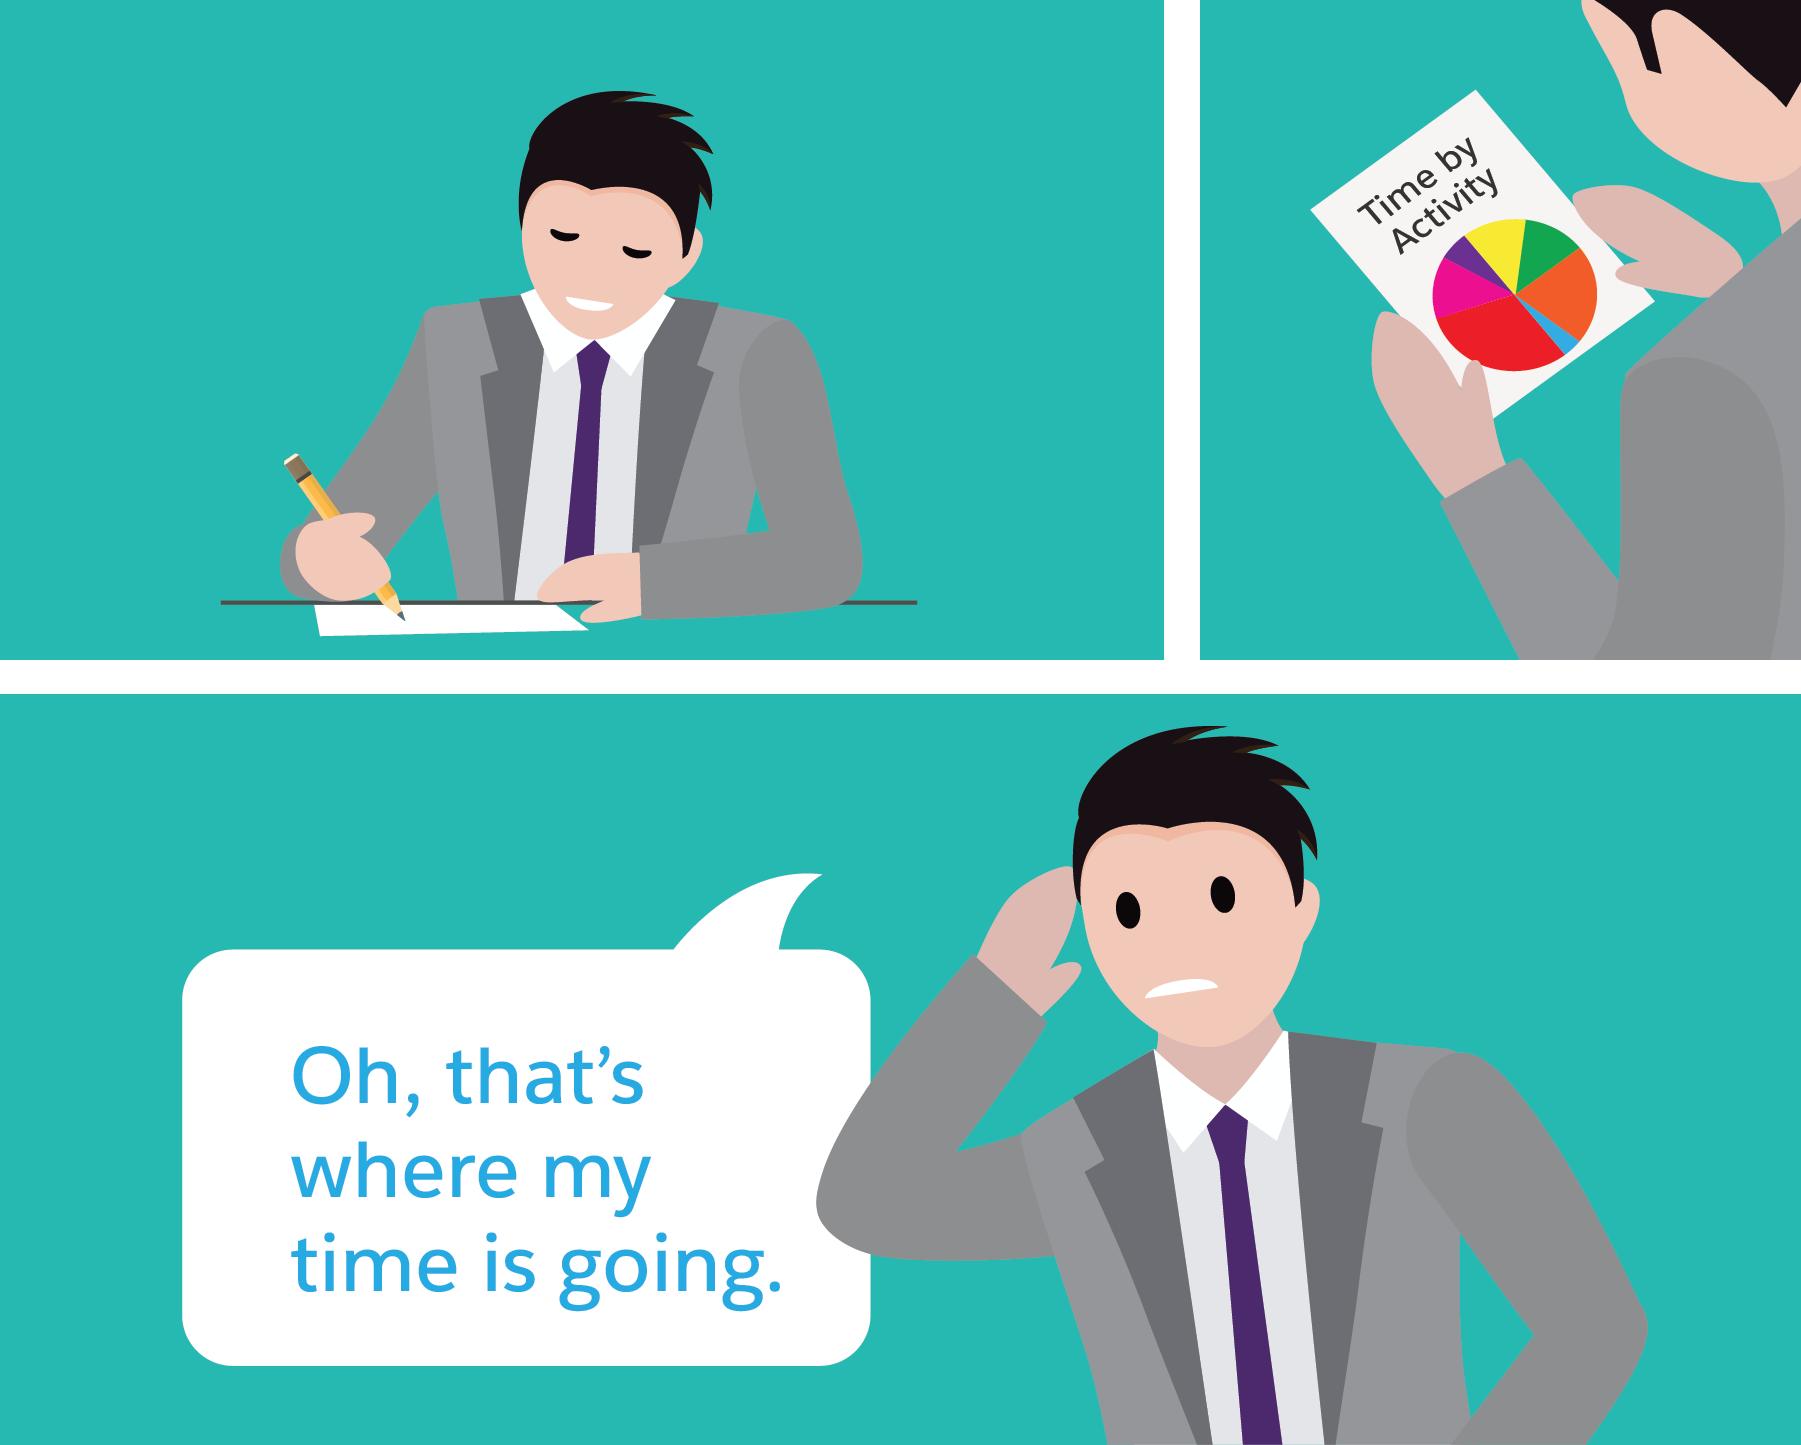 Pessoa rastreando o tempo por atividade e descobrindo onde está gastando esse tempo